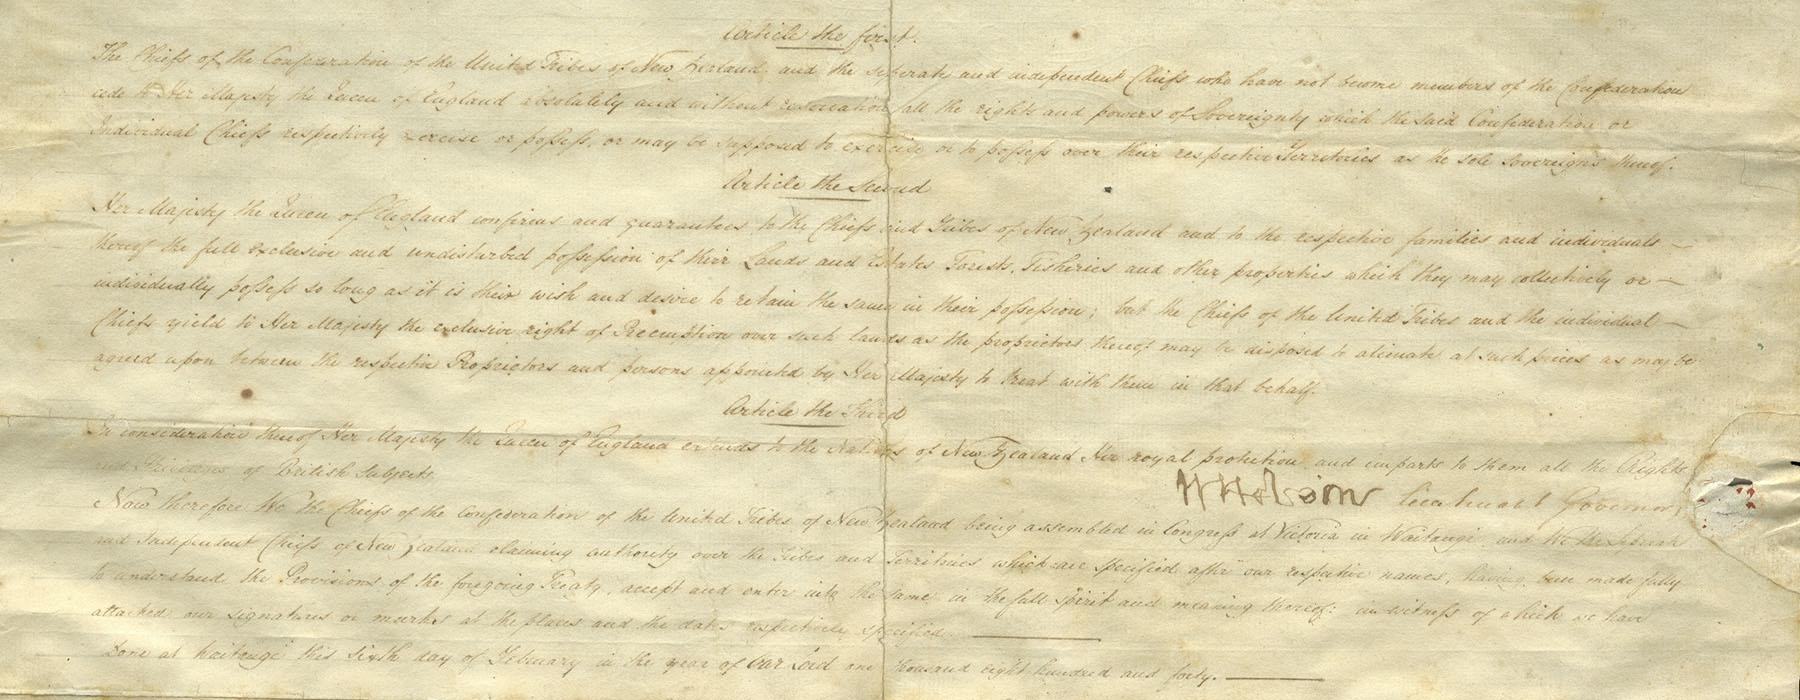 Close up of the Te Tiriti ki Waikato-Manukau   Waikato-Manukau sheet, showing the beginning of the English text